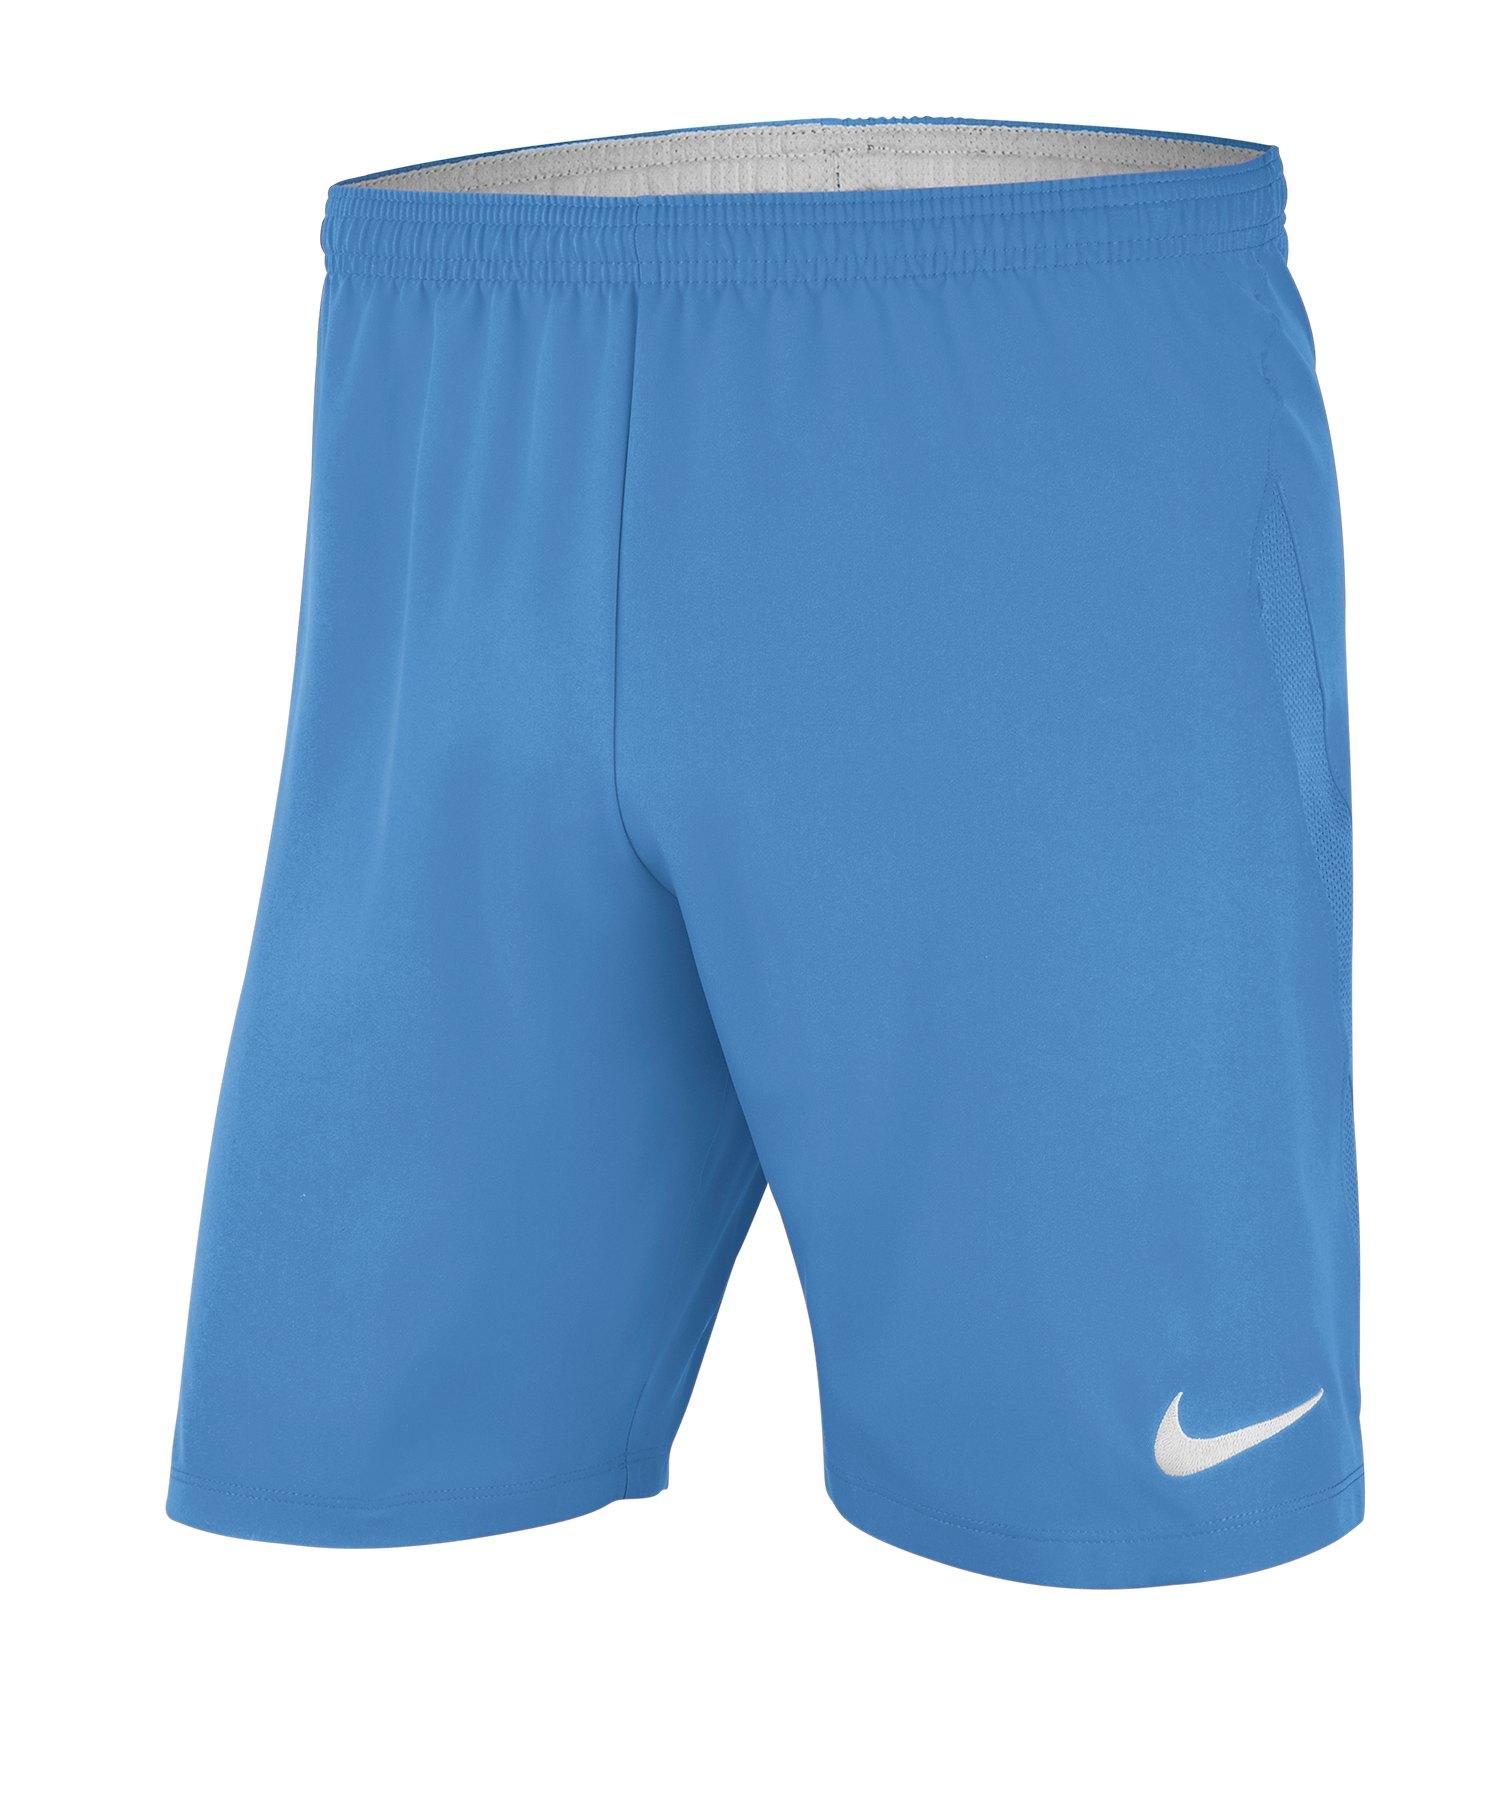 Nike Laser IV Woven Short Blau F412 - blau